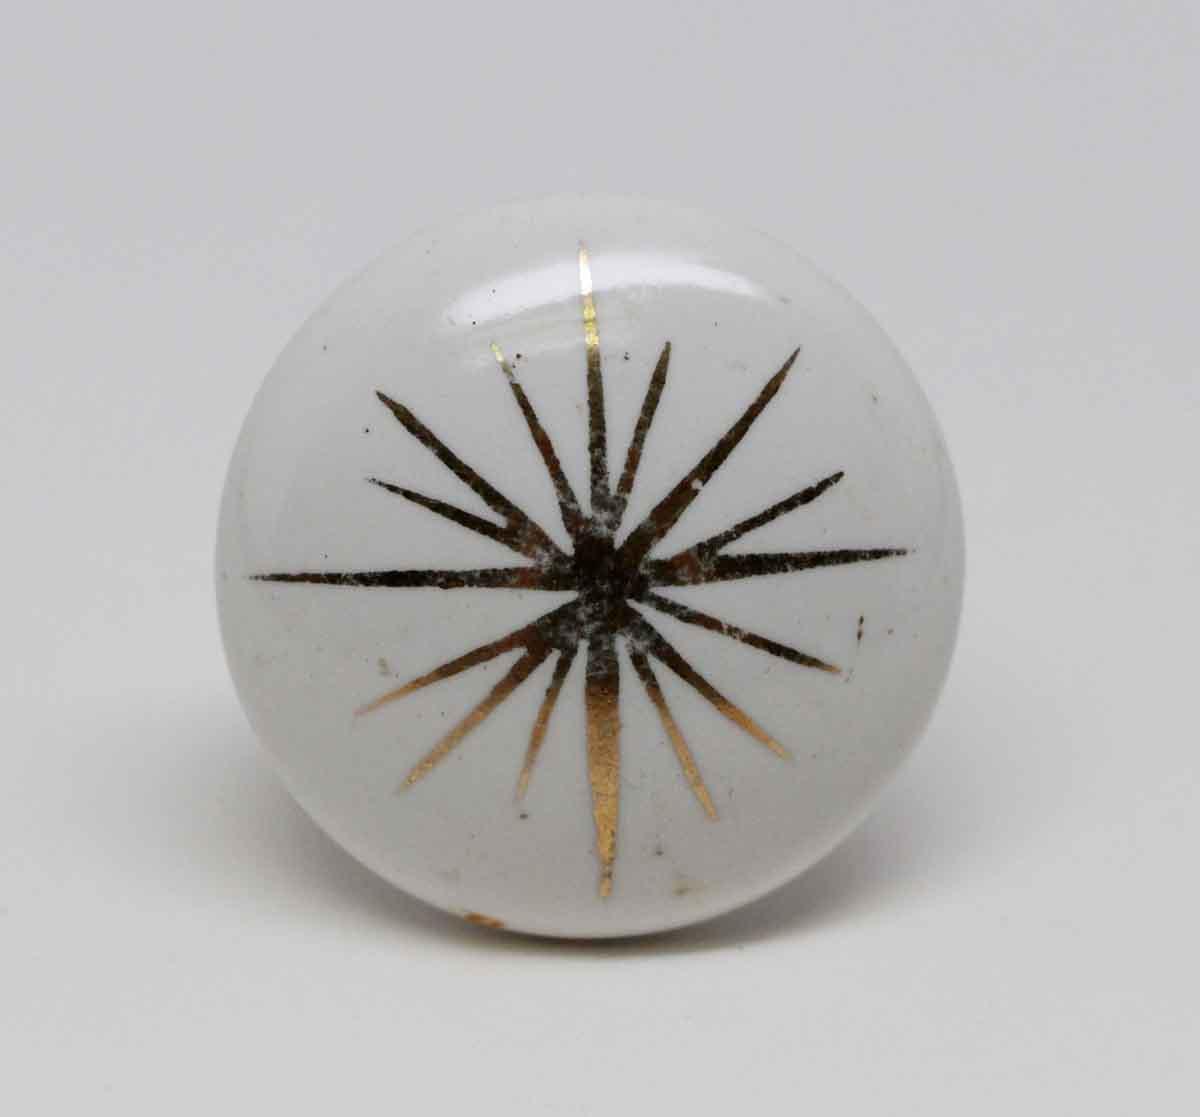 Cabinet U0026 Furniture Knobs   Vintage White Porcelain Cabinet Knob With Gold  Detail